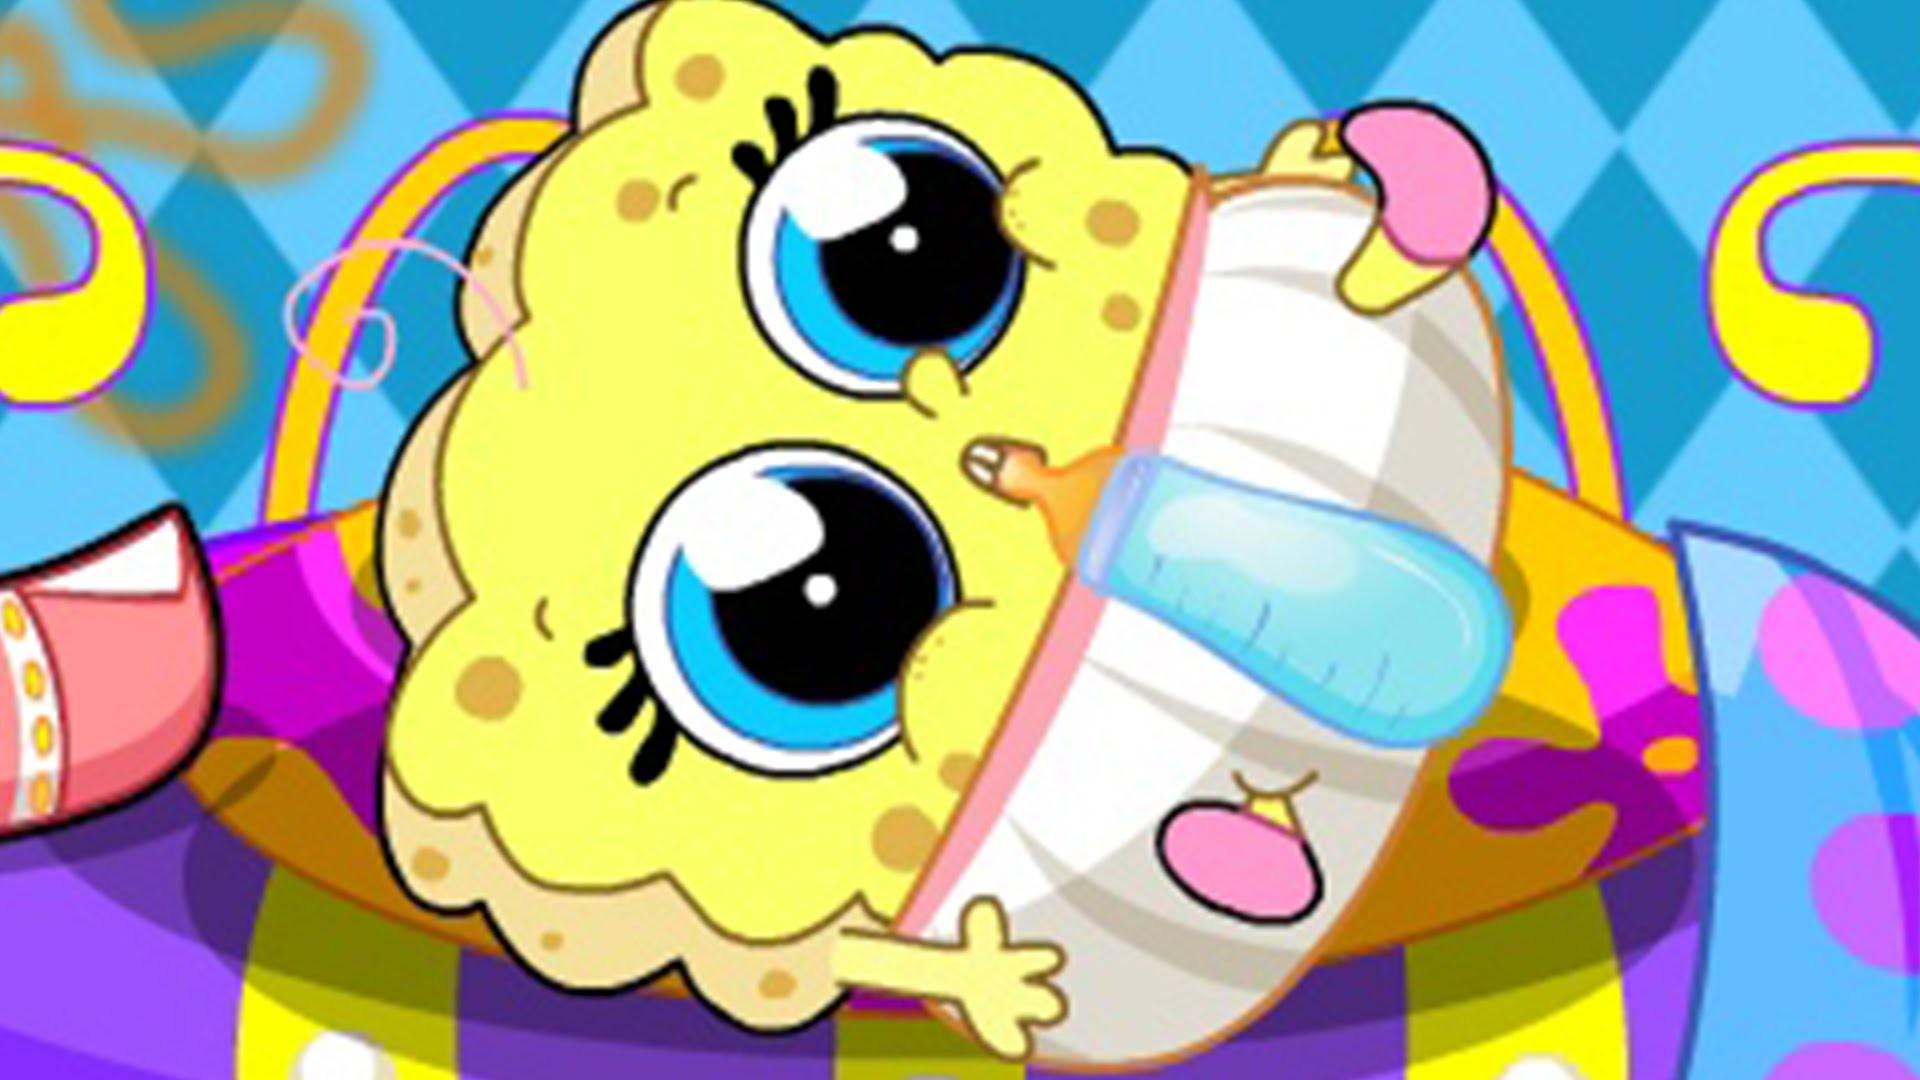 Baby Spongebob Wallpaper